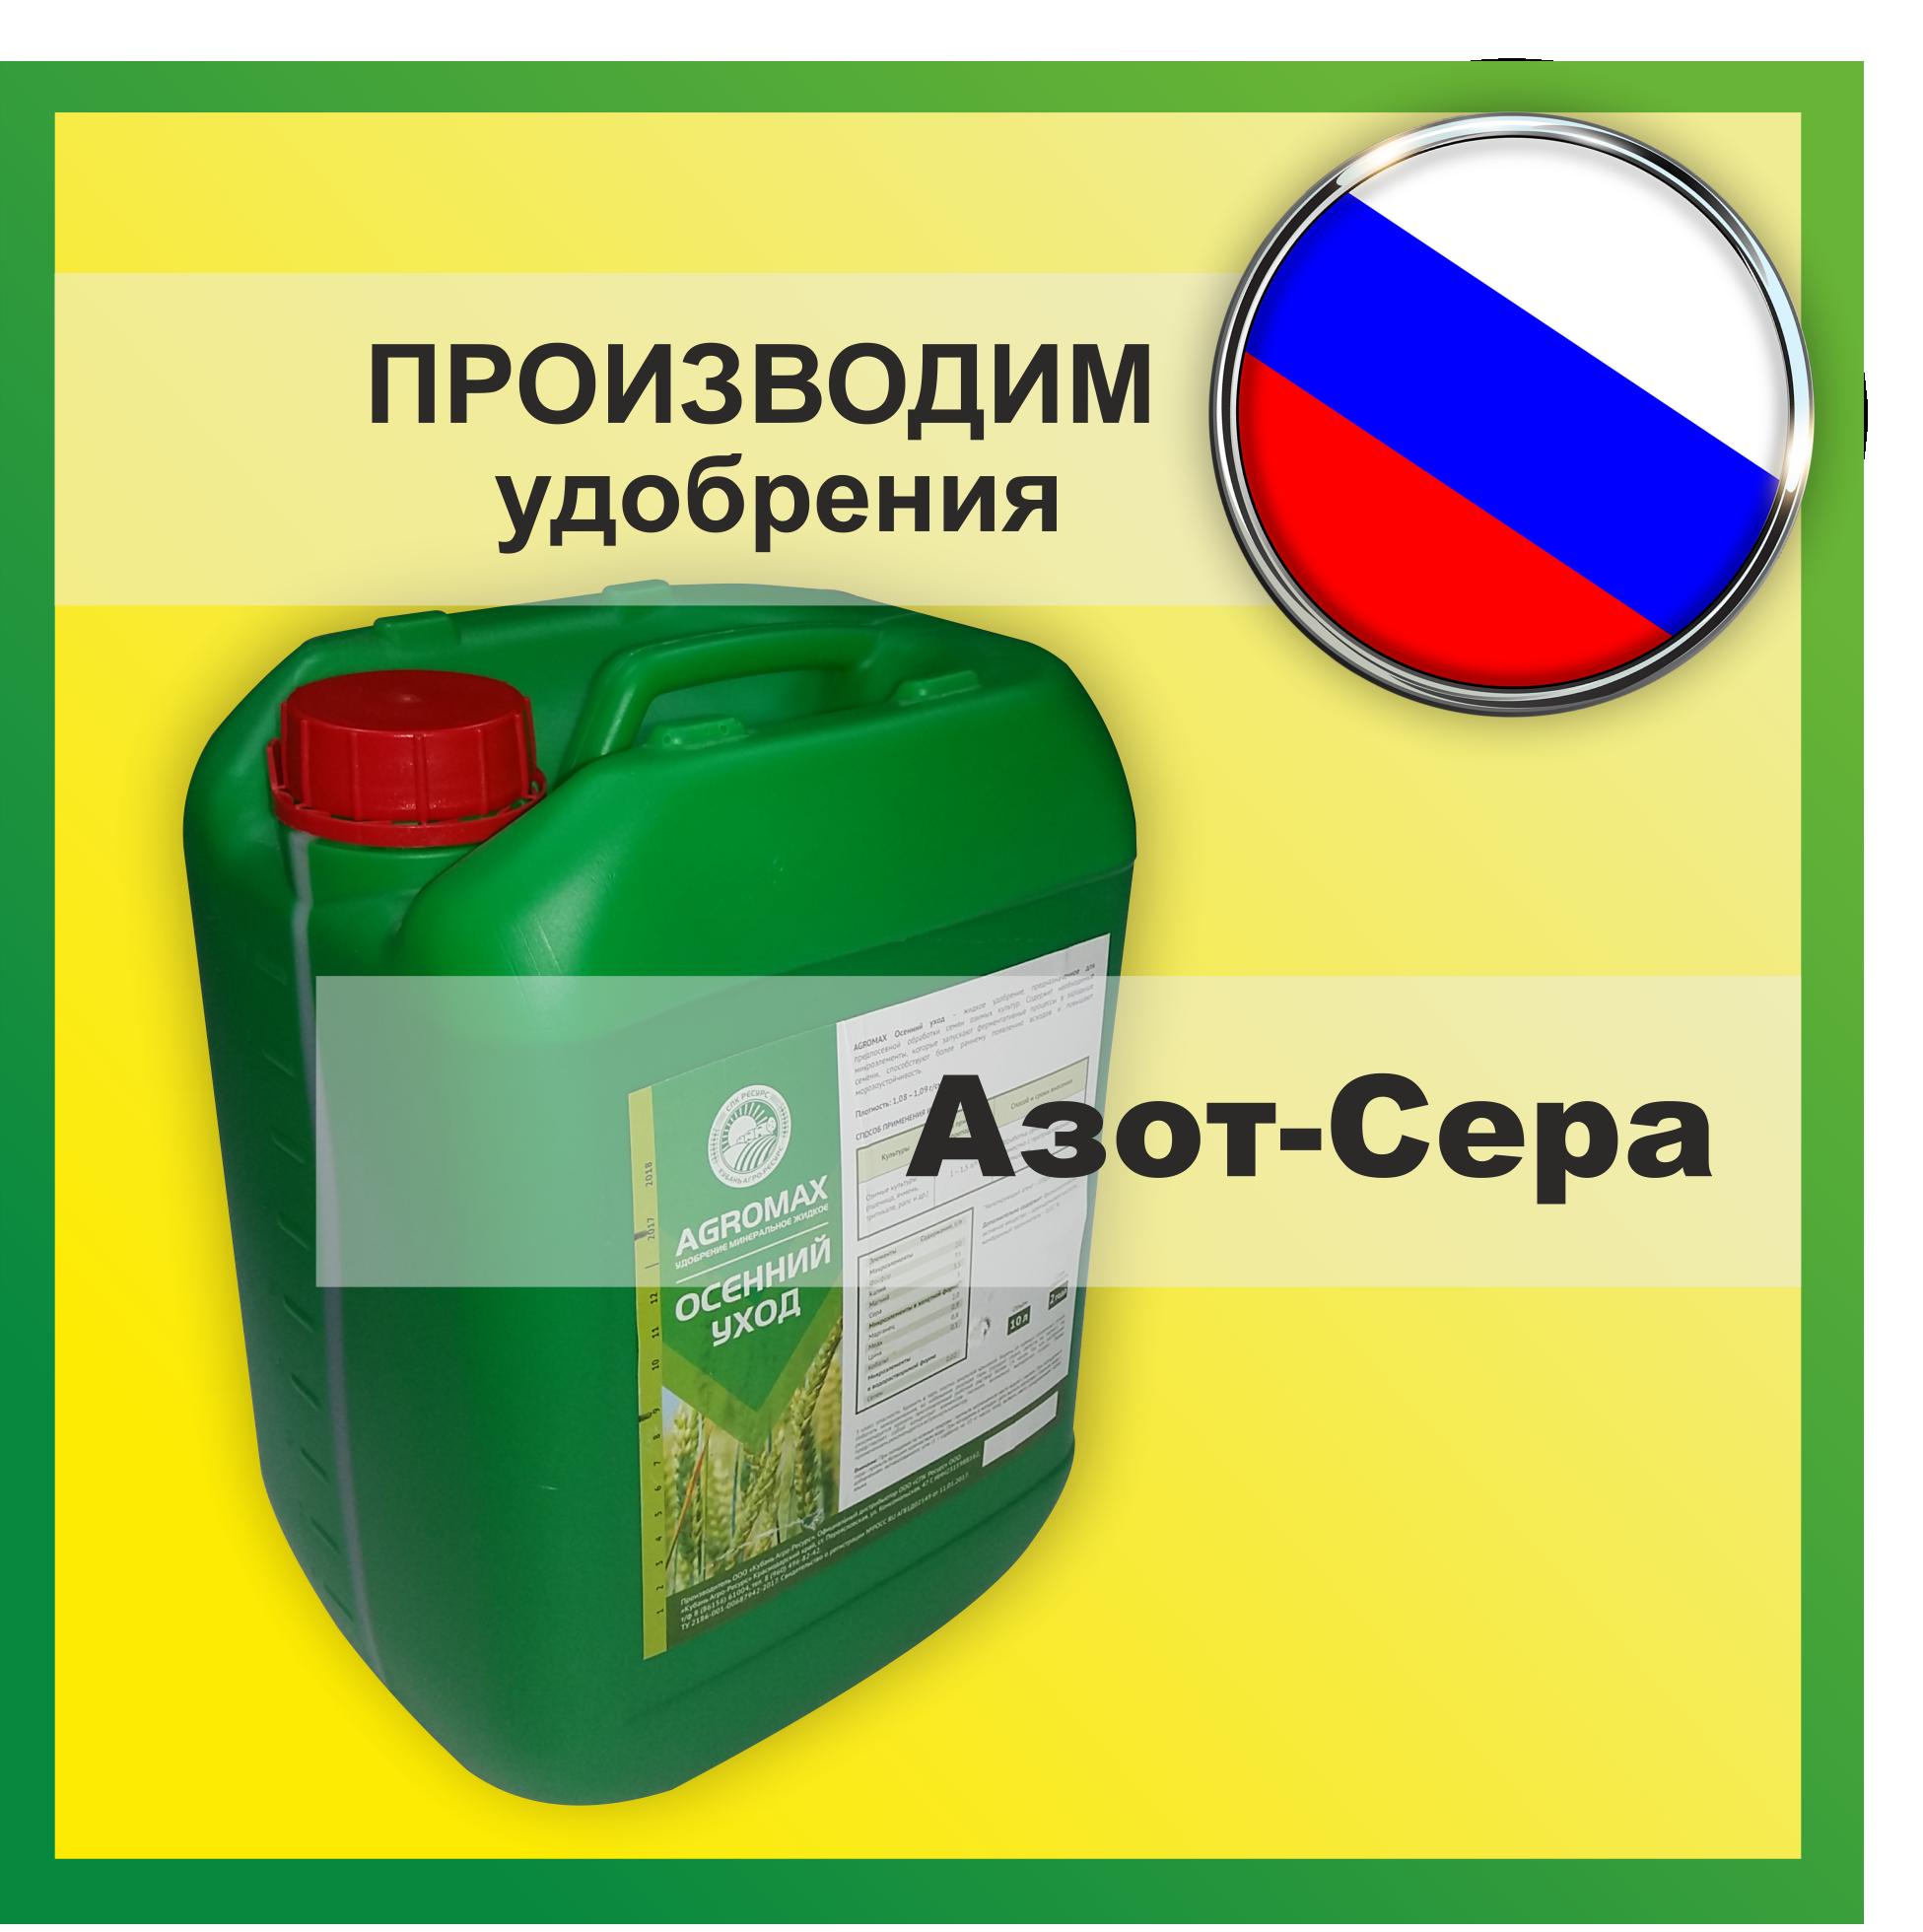 Azot-Sera-udobrenie-agromaks-1-1